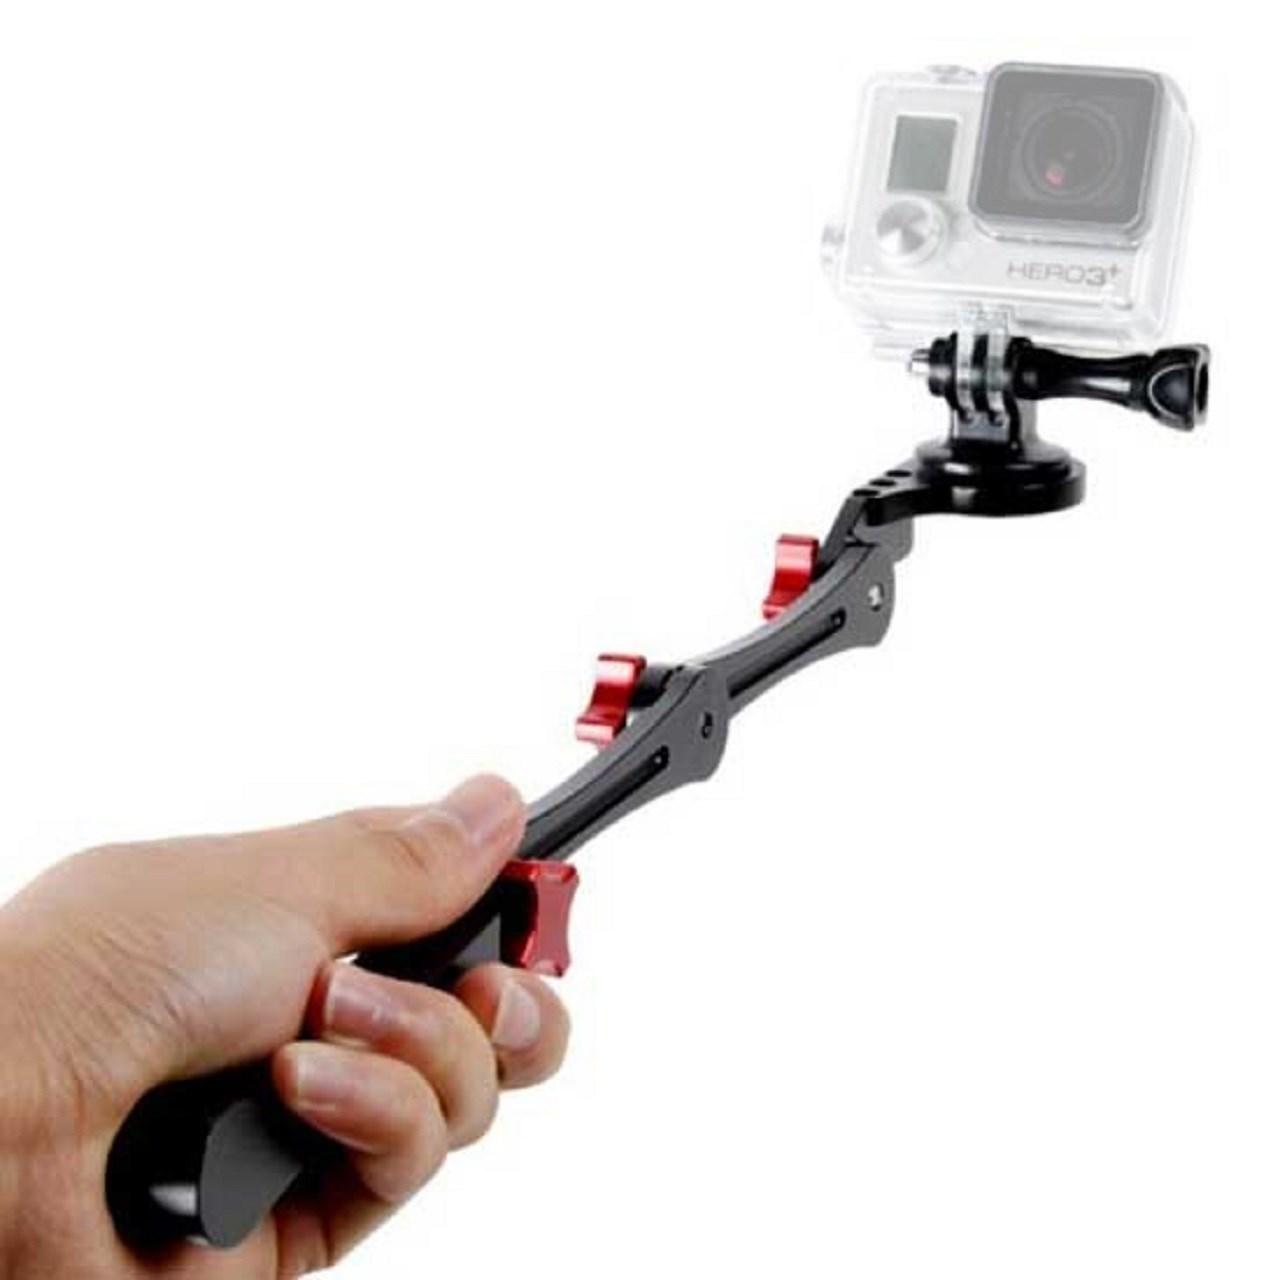 مونوپاد مدل Go107 مناسب برای دوربین های ورزشی